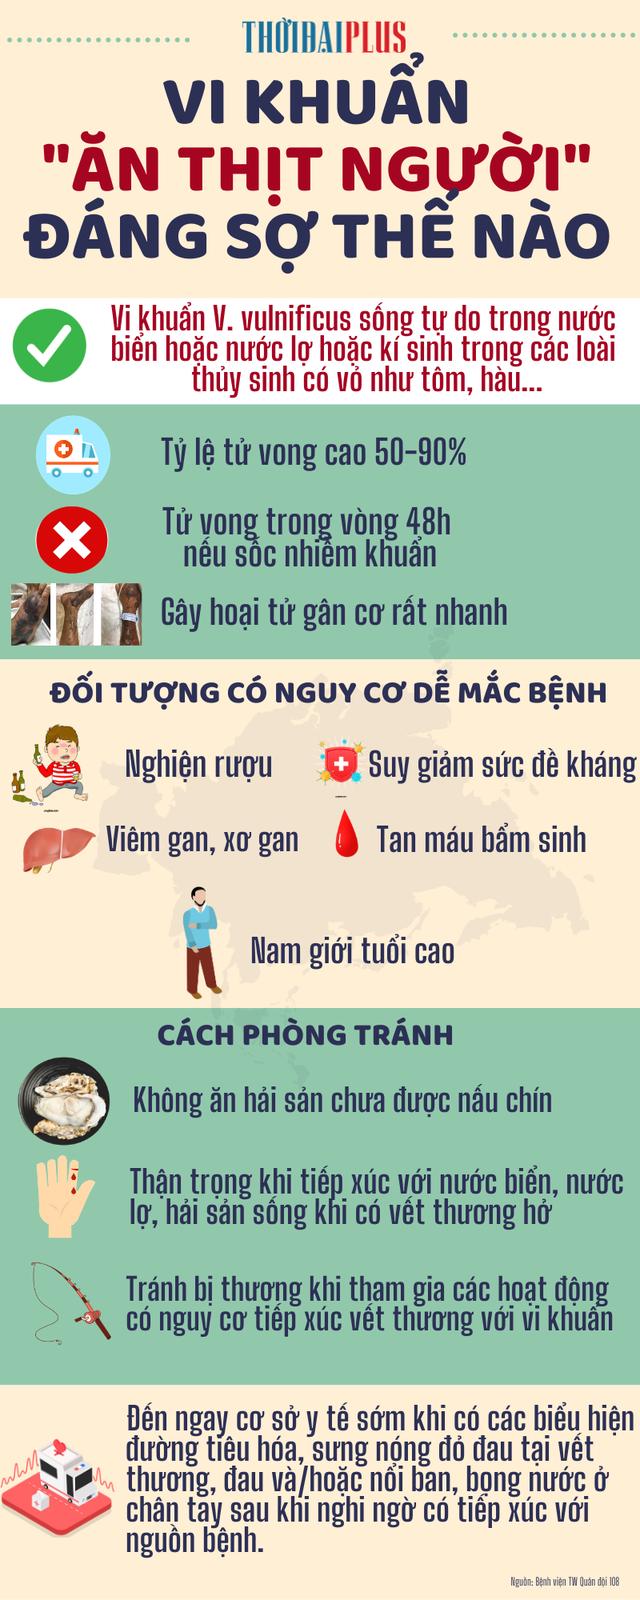 [Infographic] - Vi khuẩn ăn thịt người nguy hiểm thế nào? - Ảnh 1.